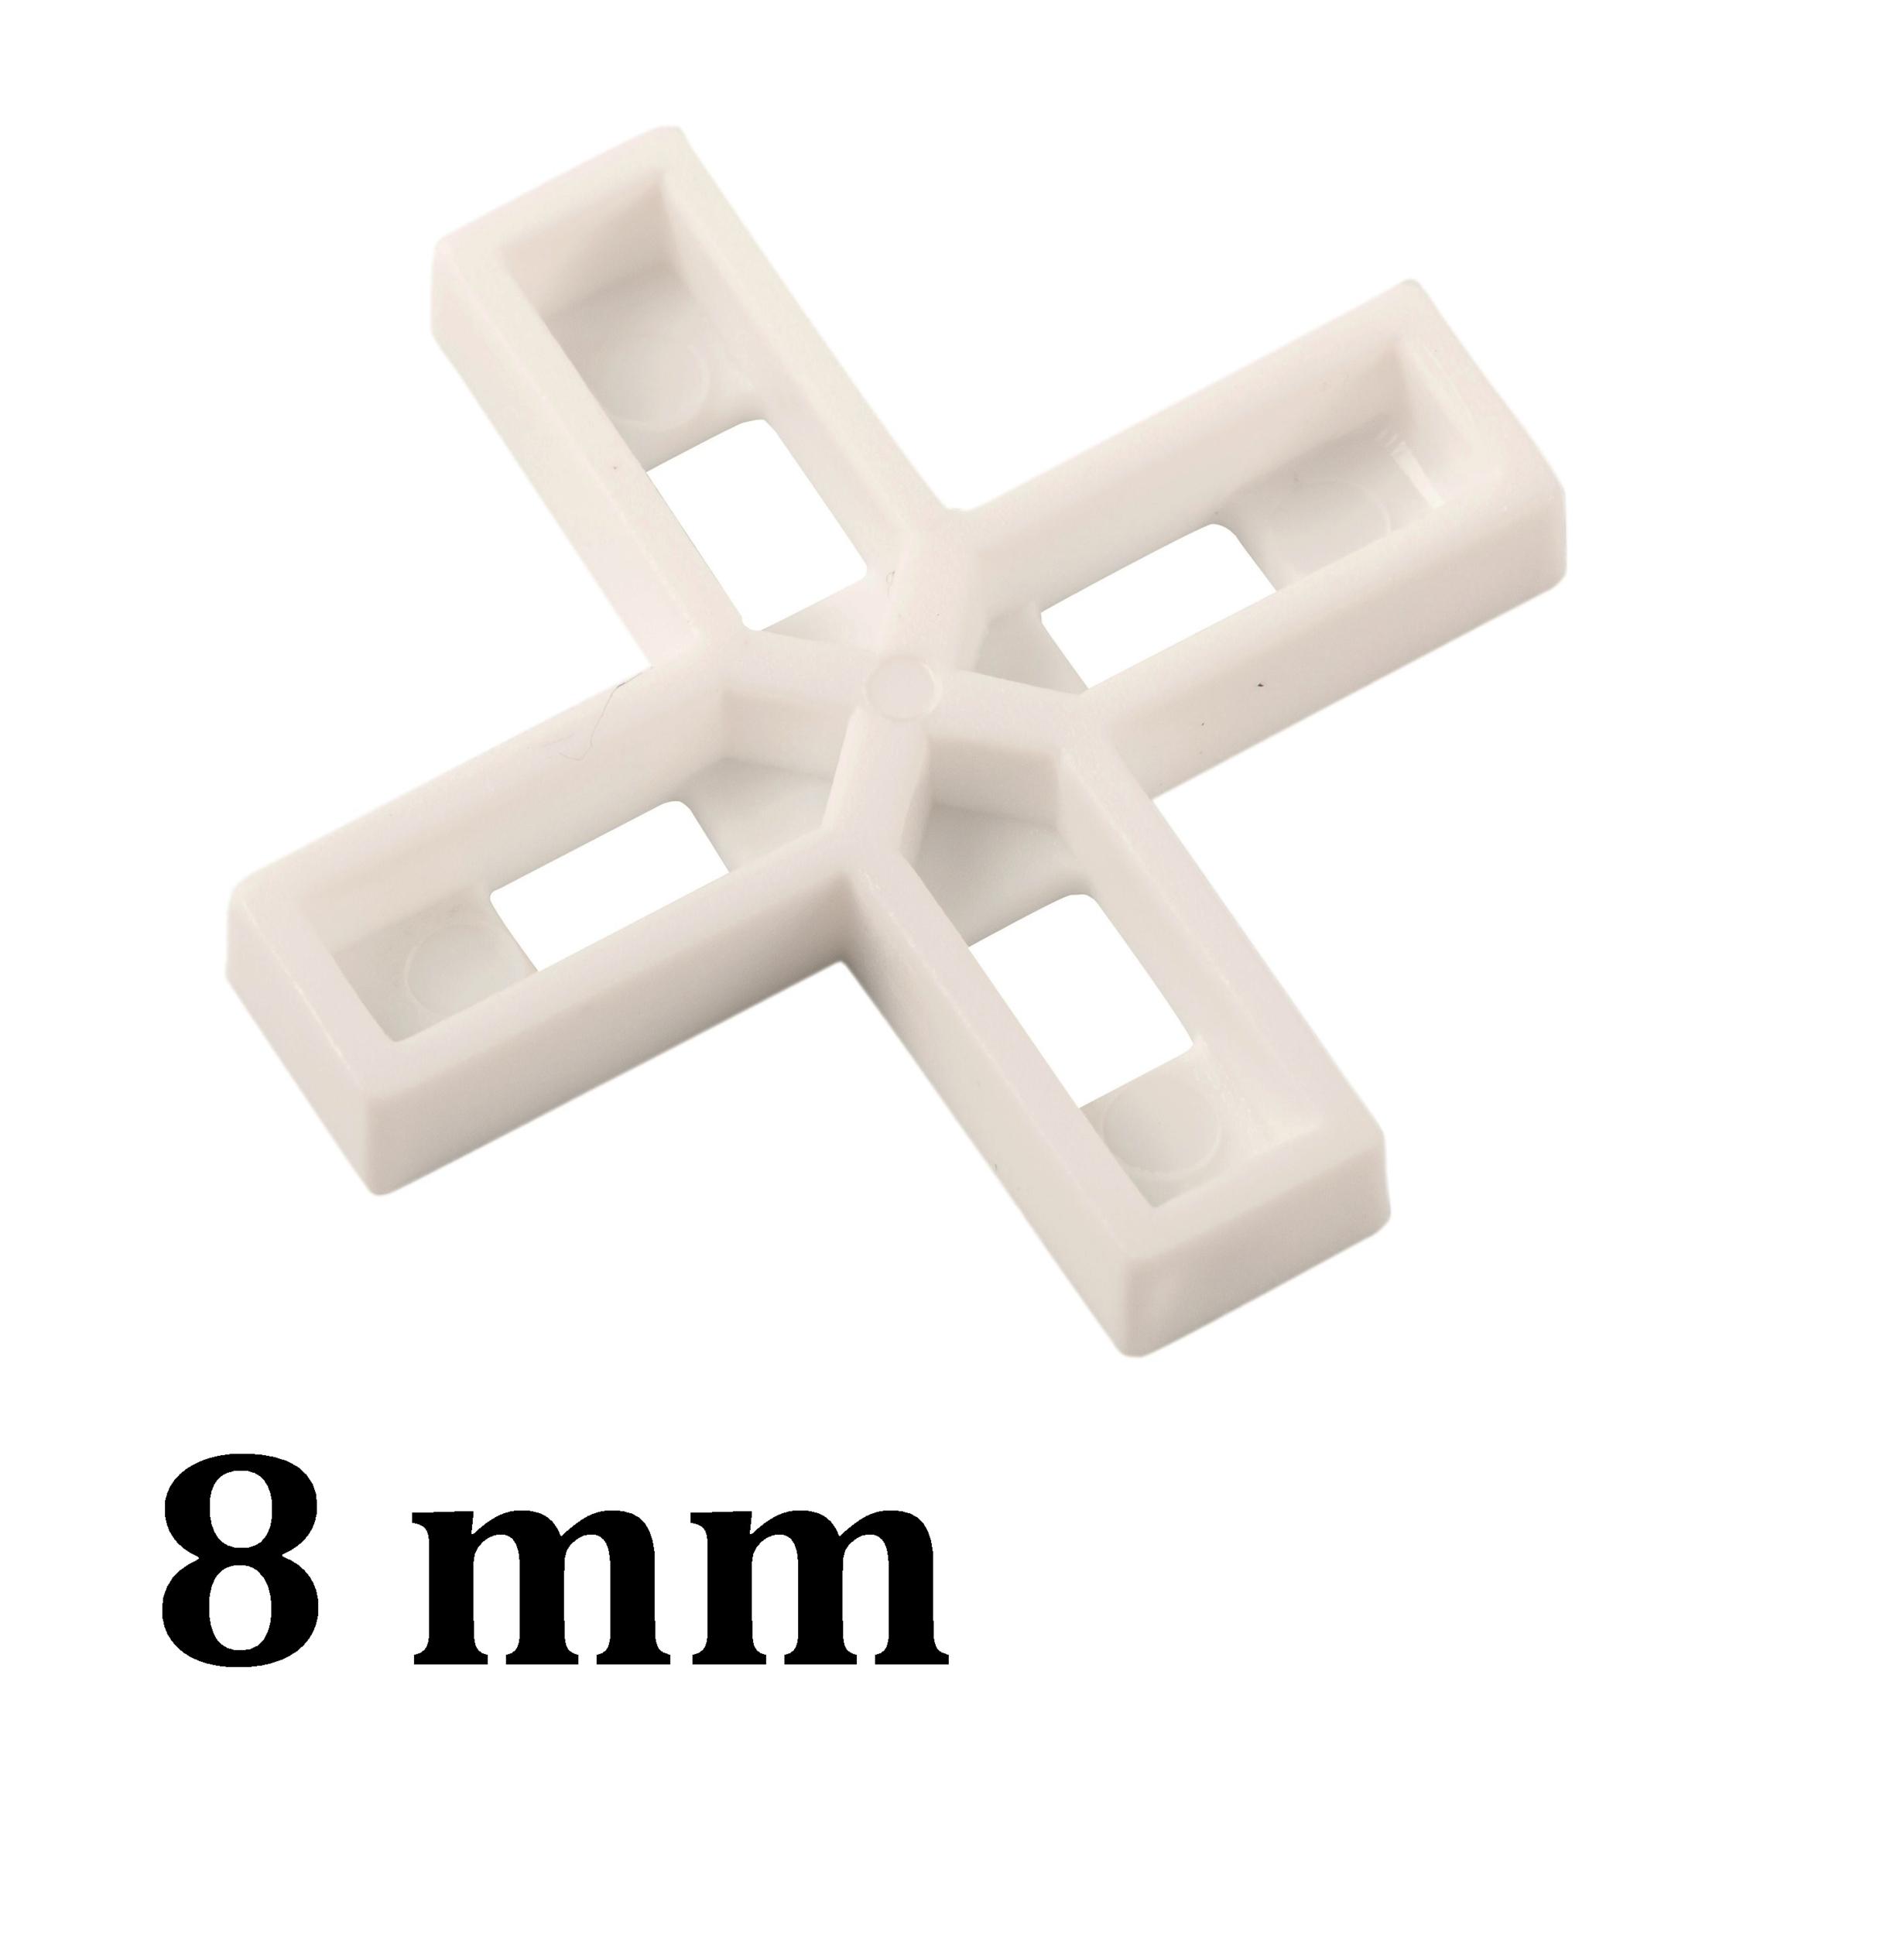 Croisillon carrelage 8 mm, en croix